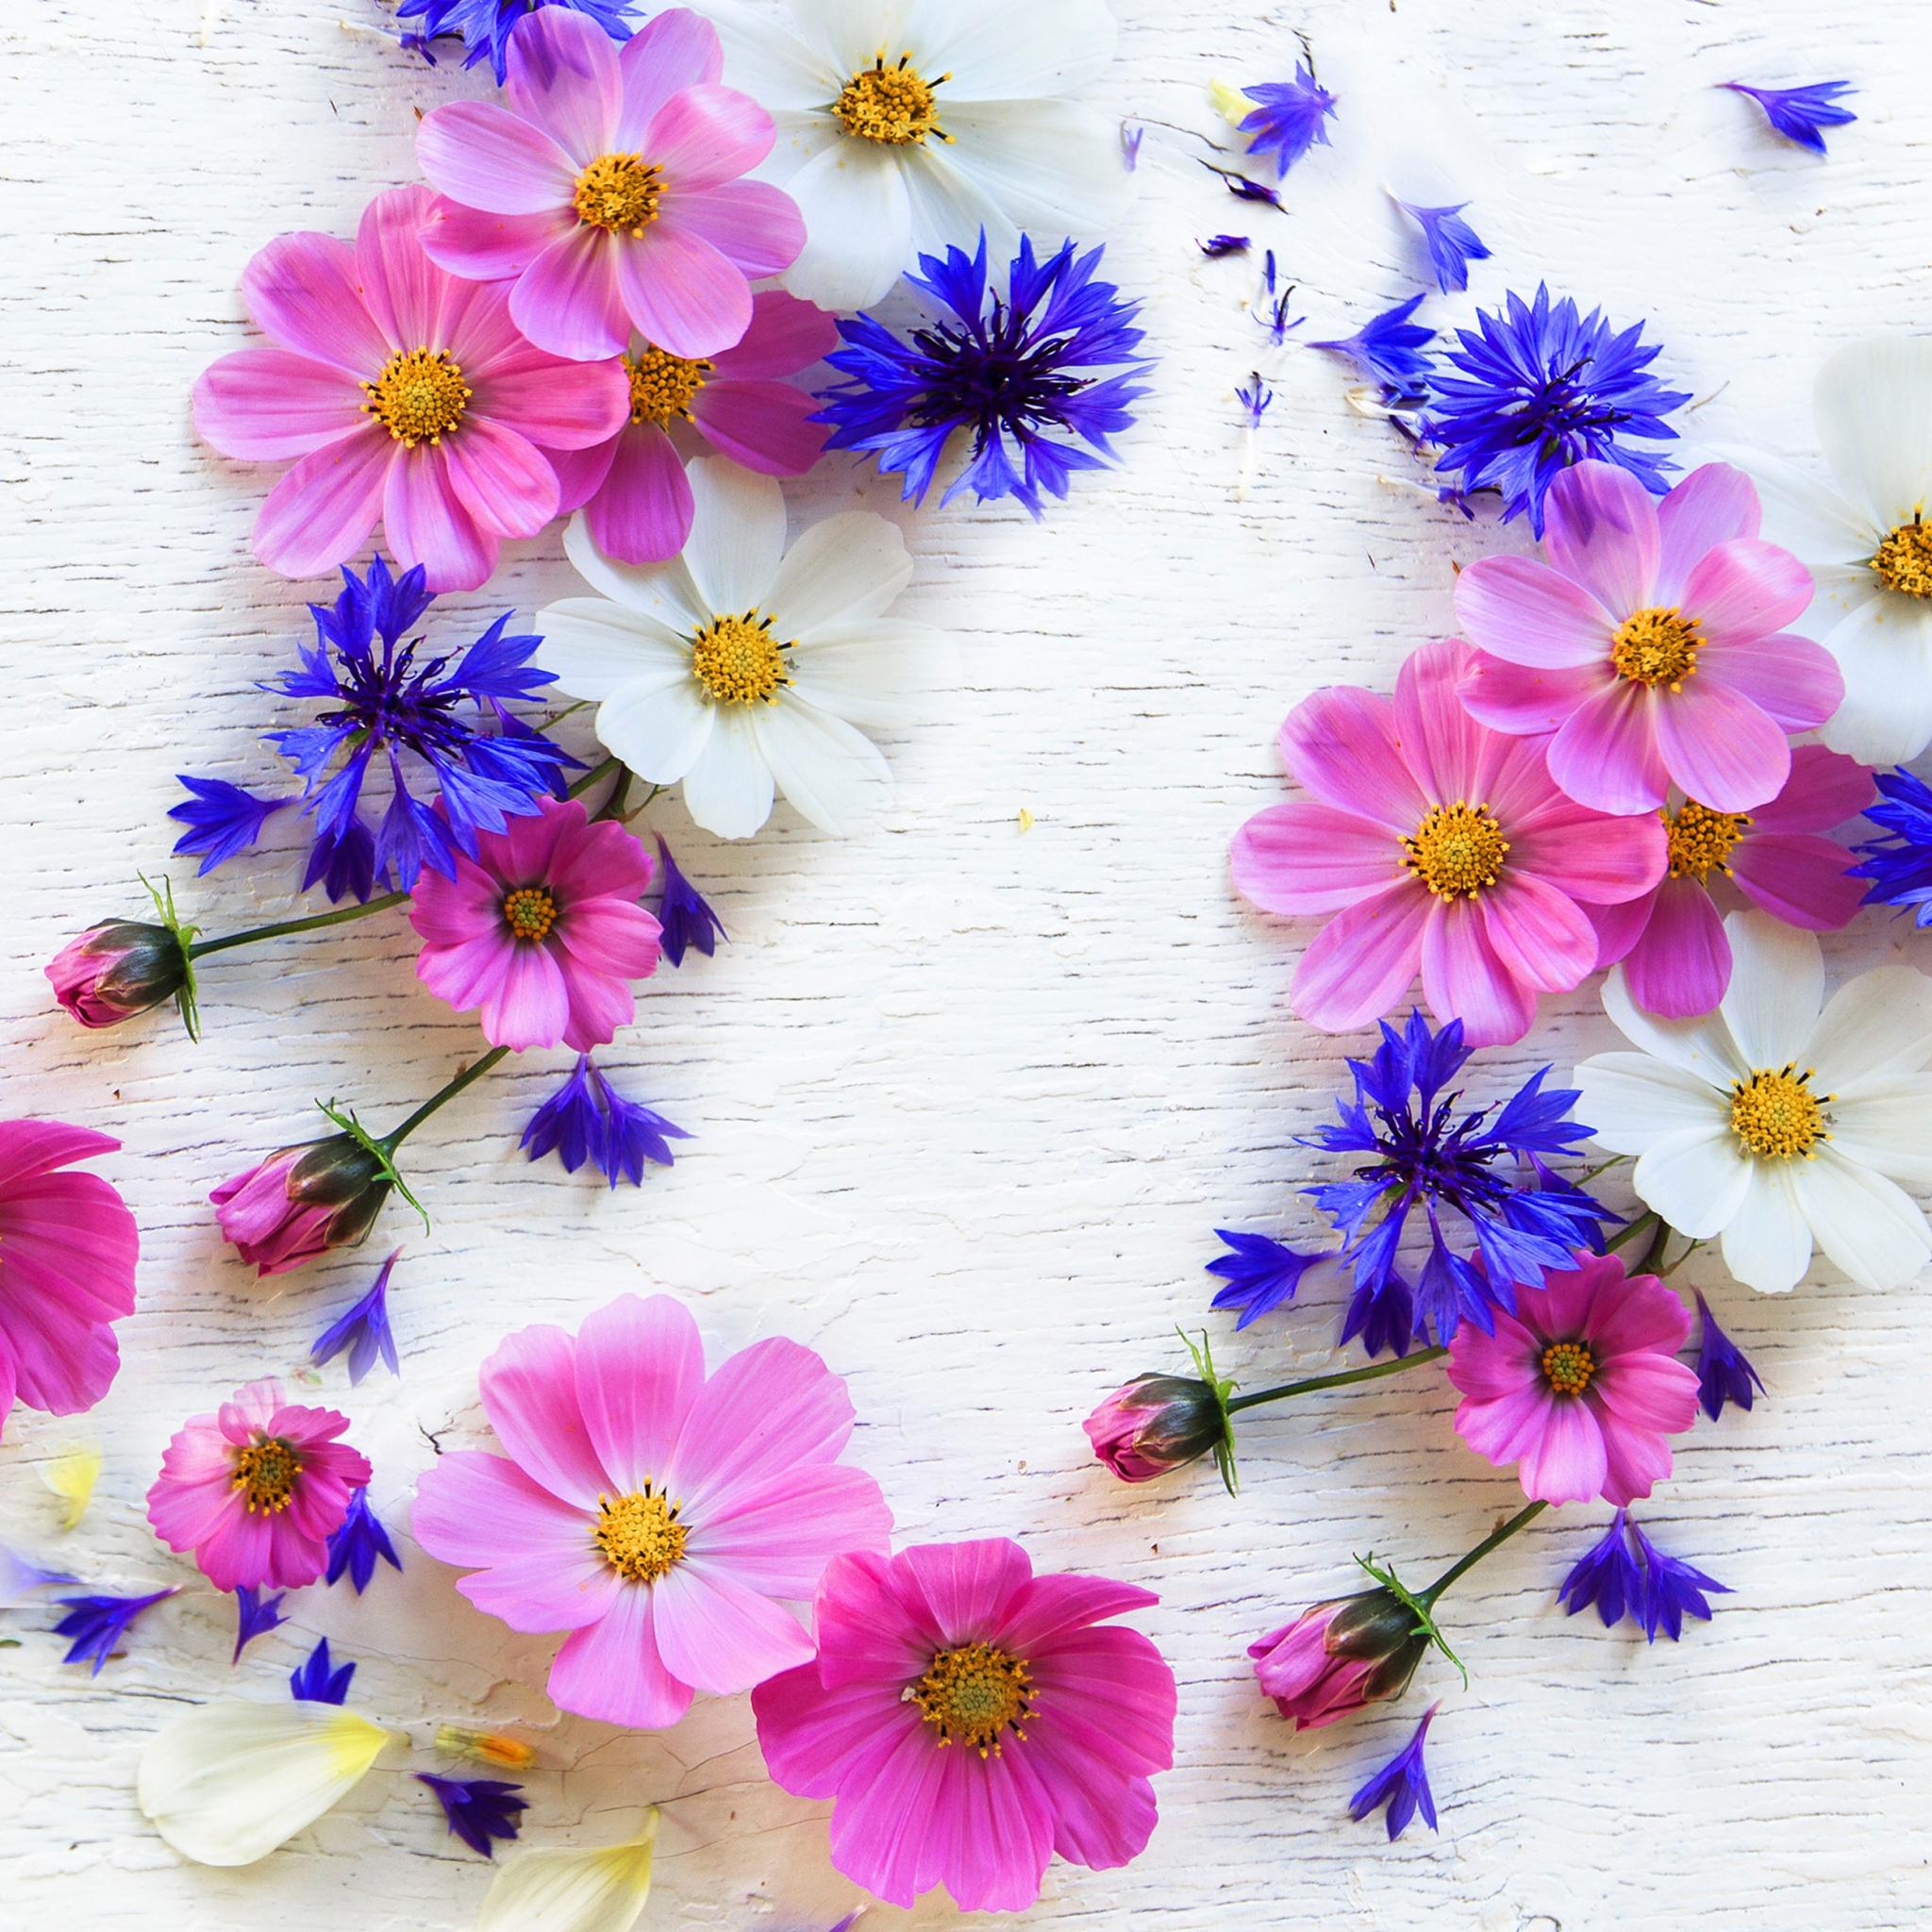 Serviettes 24x24 cm - Summer florals